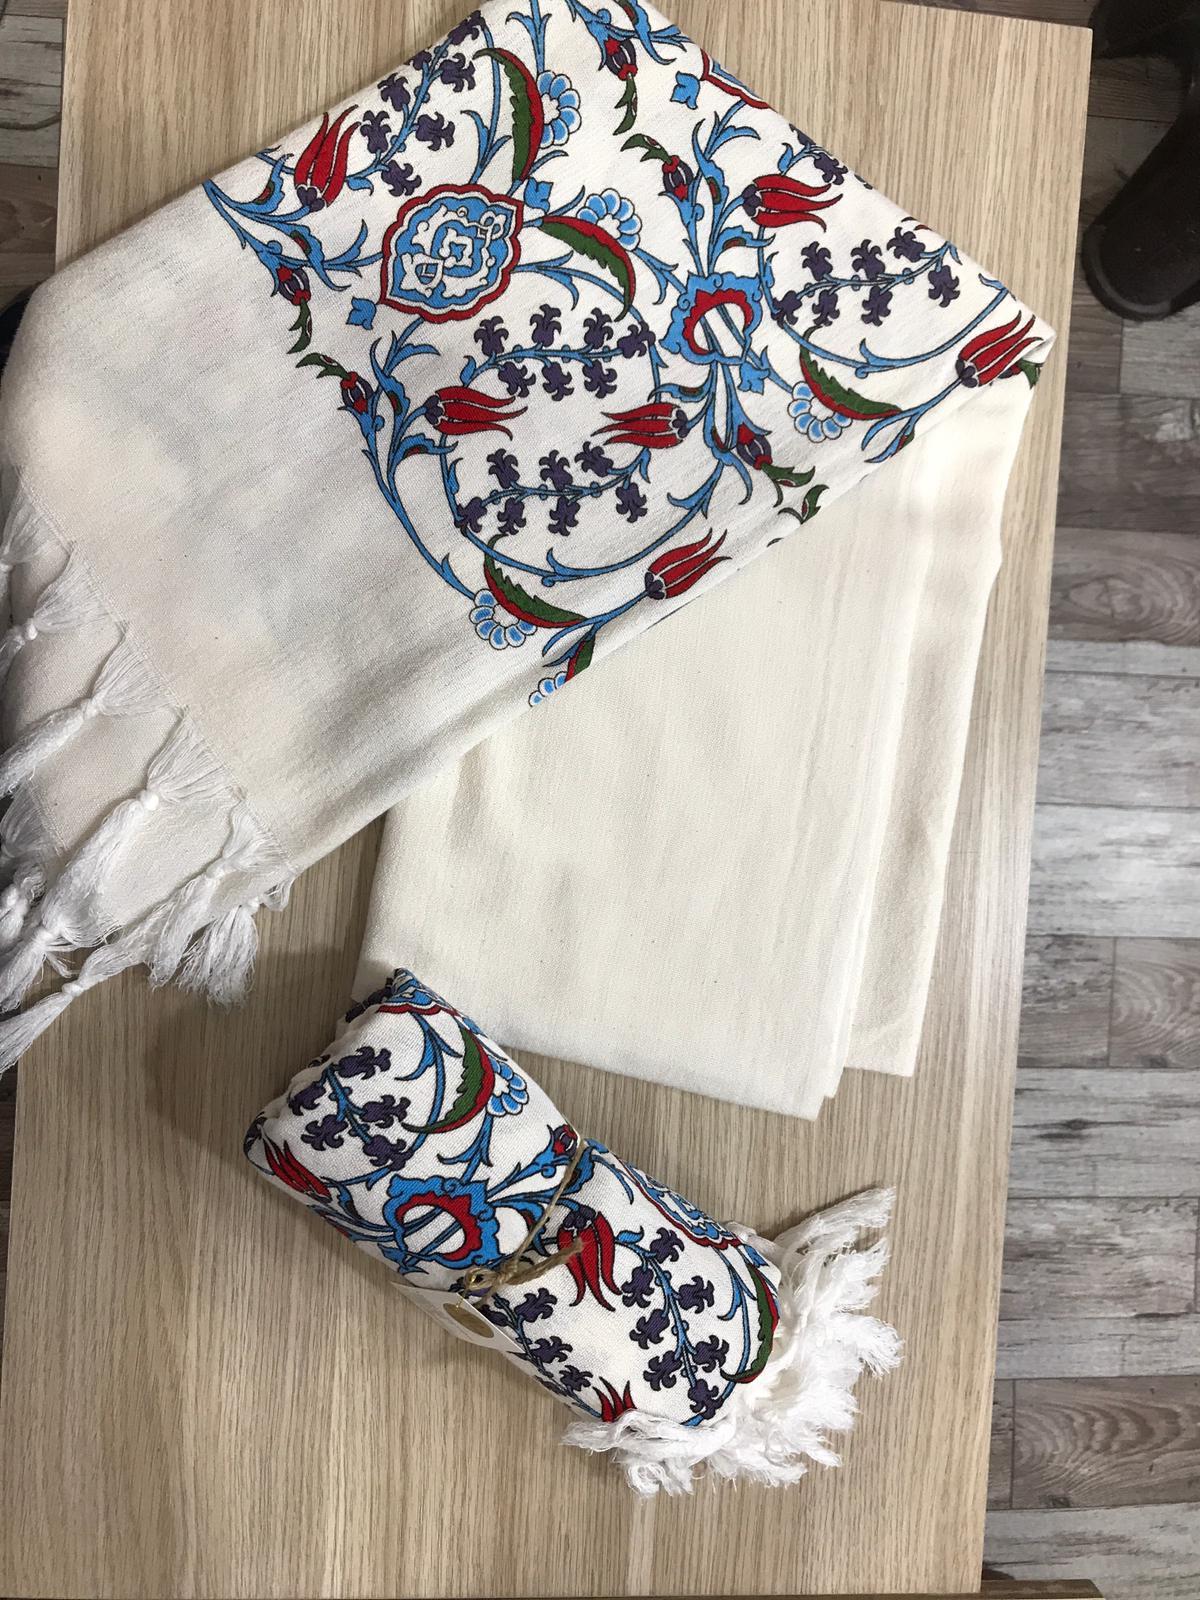 3870a8166b670 Buldan bezi peştemal satın al – Denizliden dünyaya .com